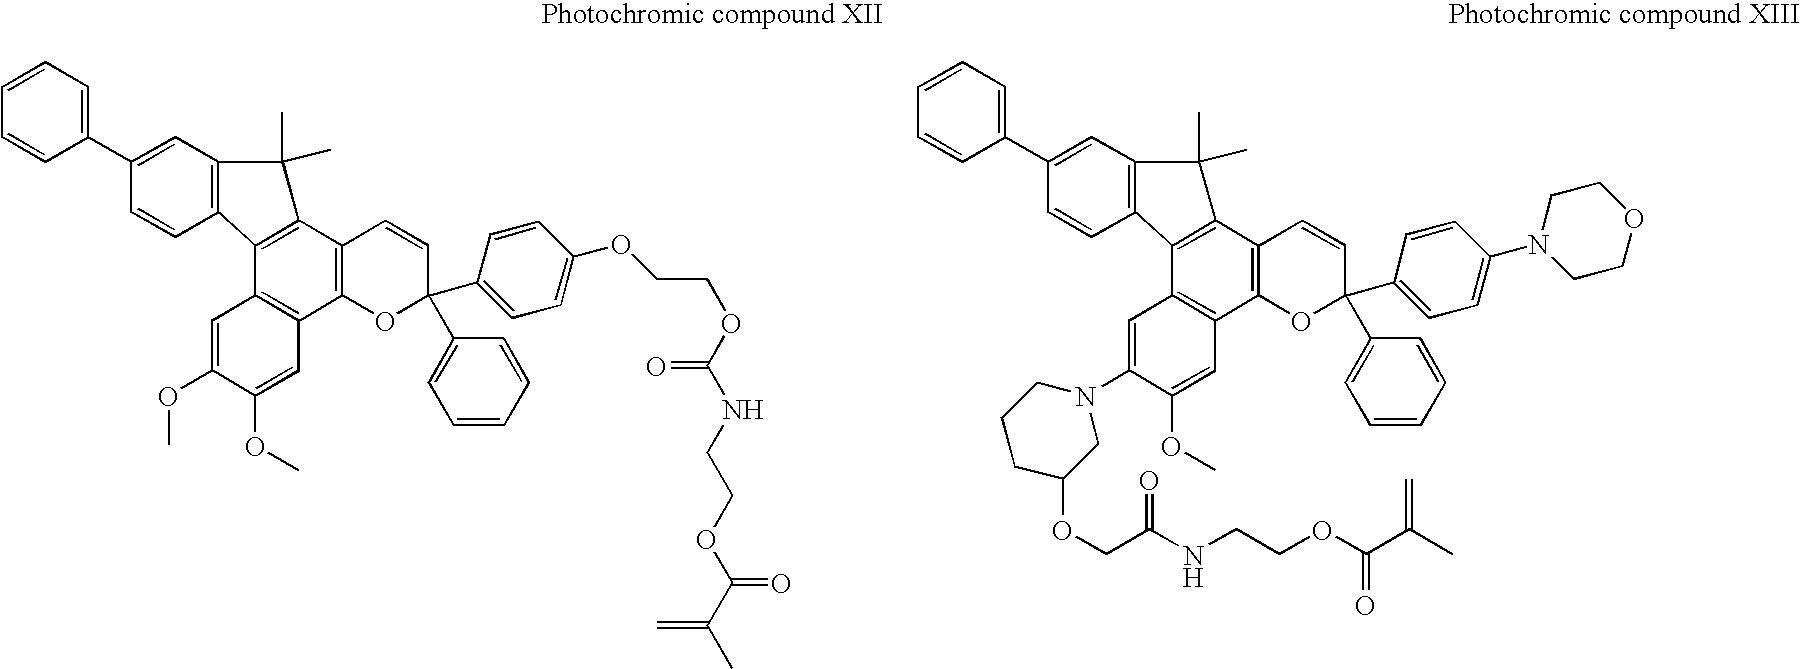 Figure US20060227287A1-20061012-C00004